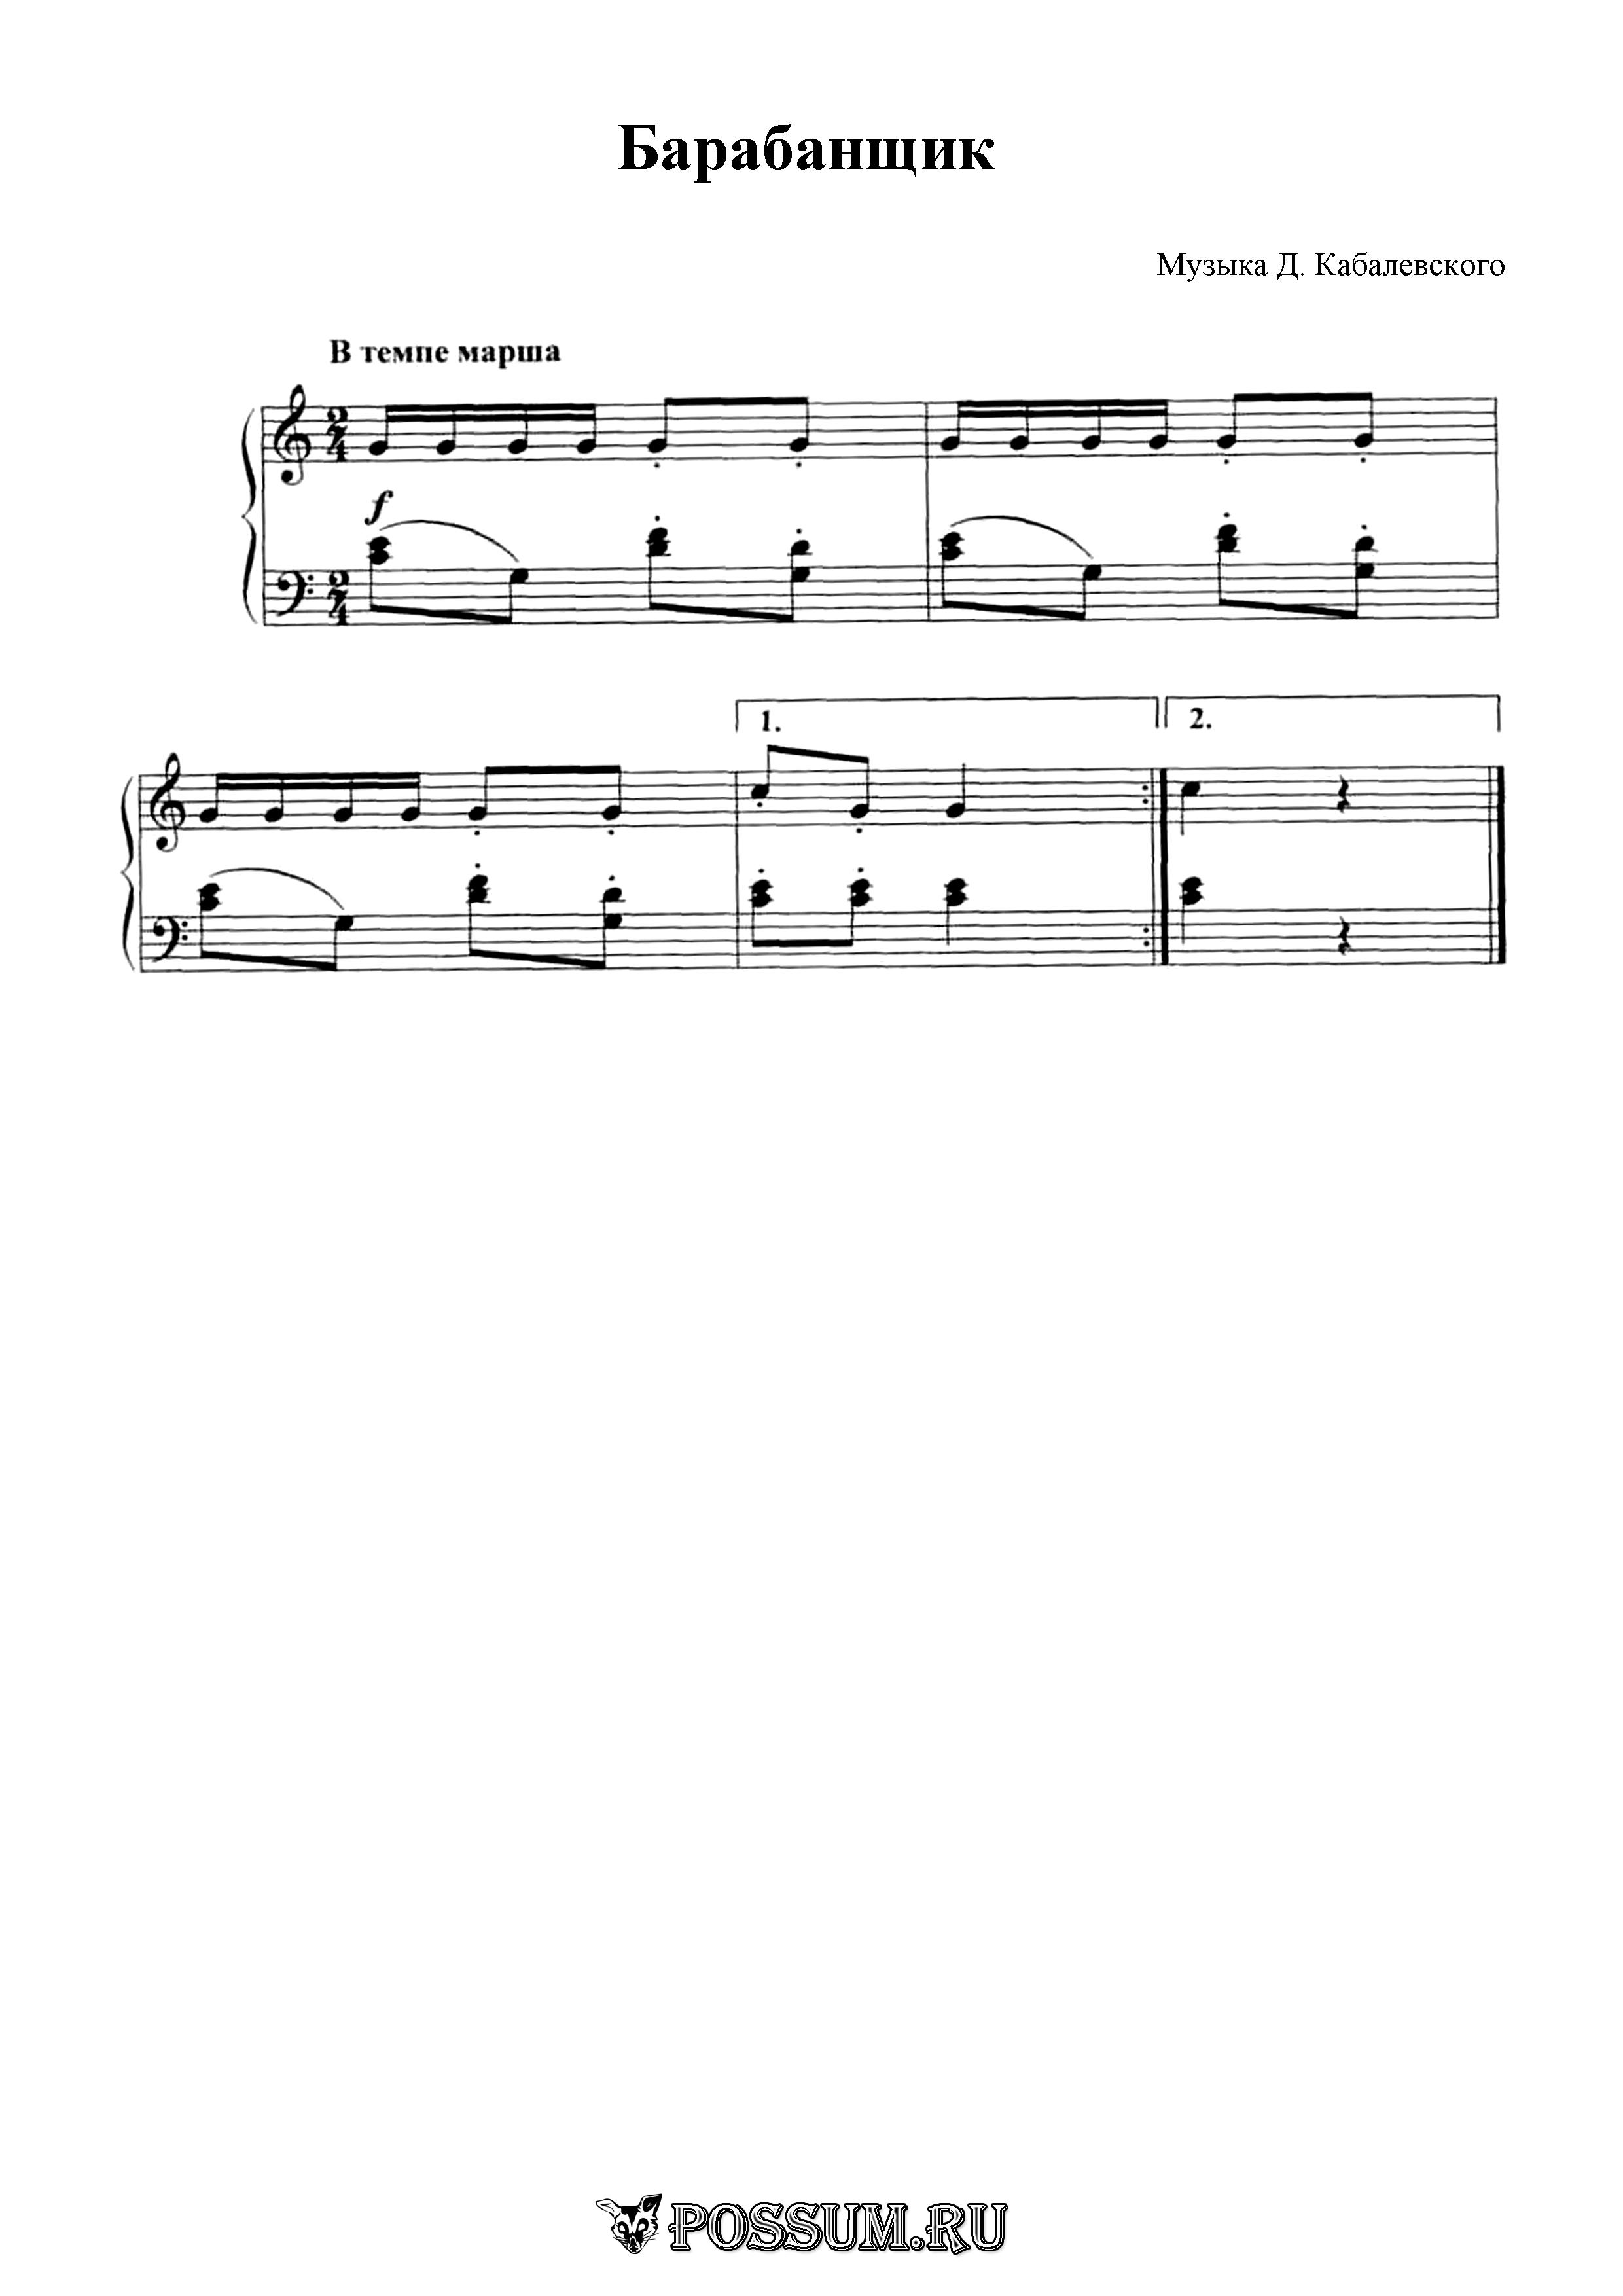 Хрестоматия для трубы 1-3 класс дмш ноты, скачать бесплатно.